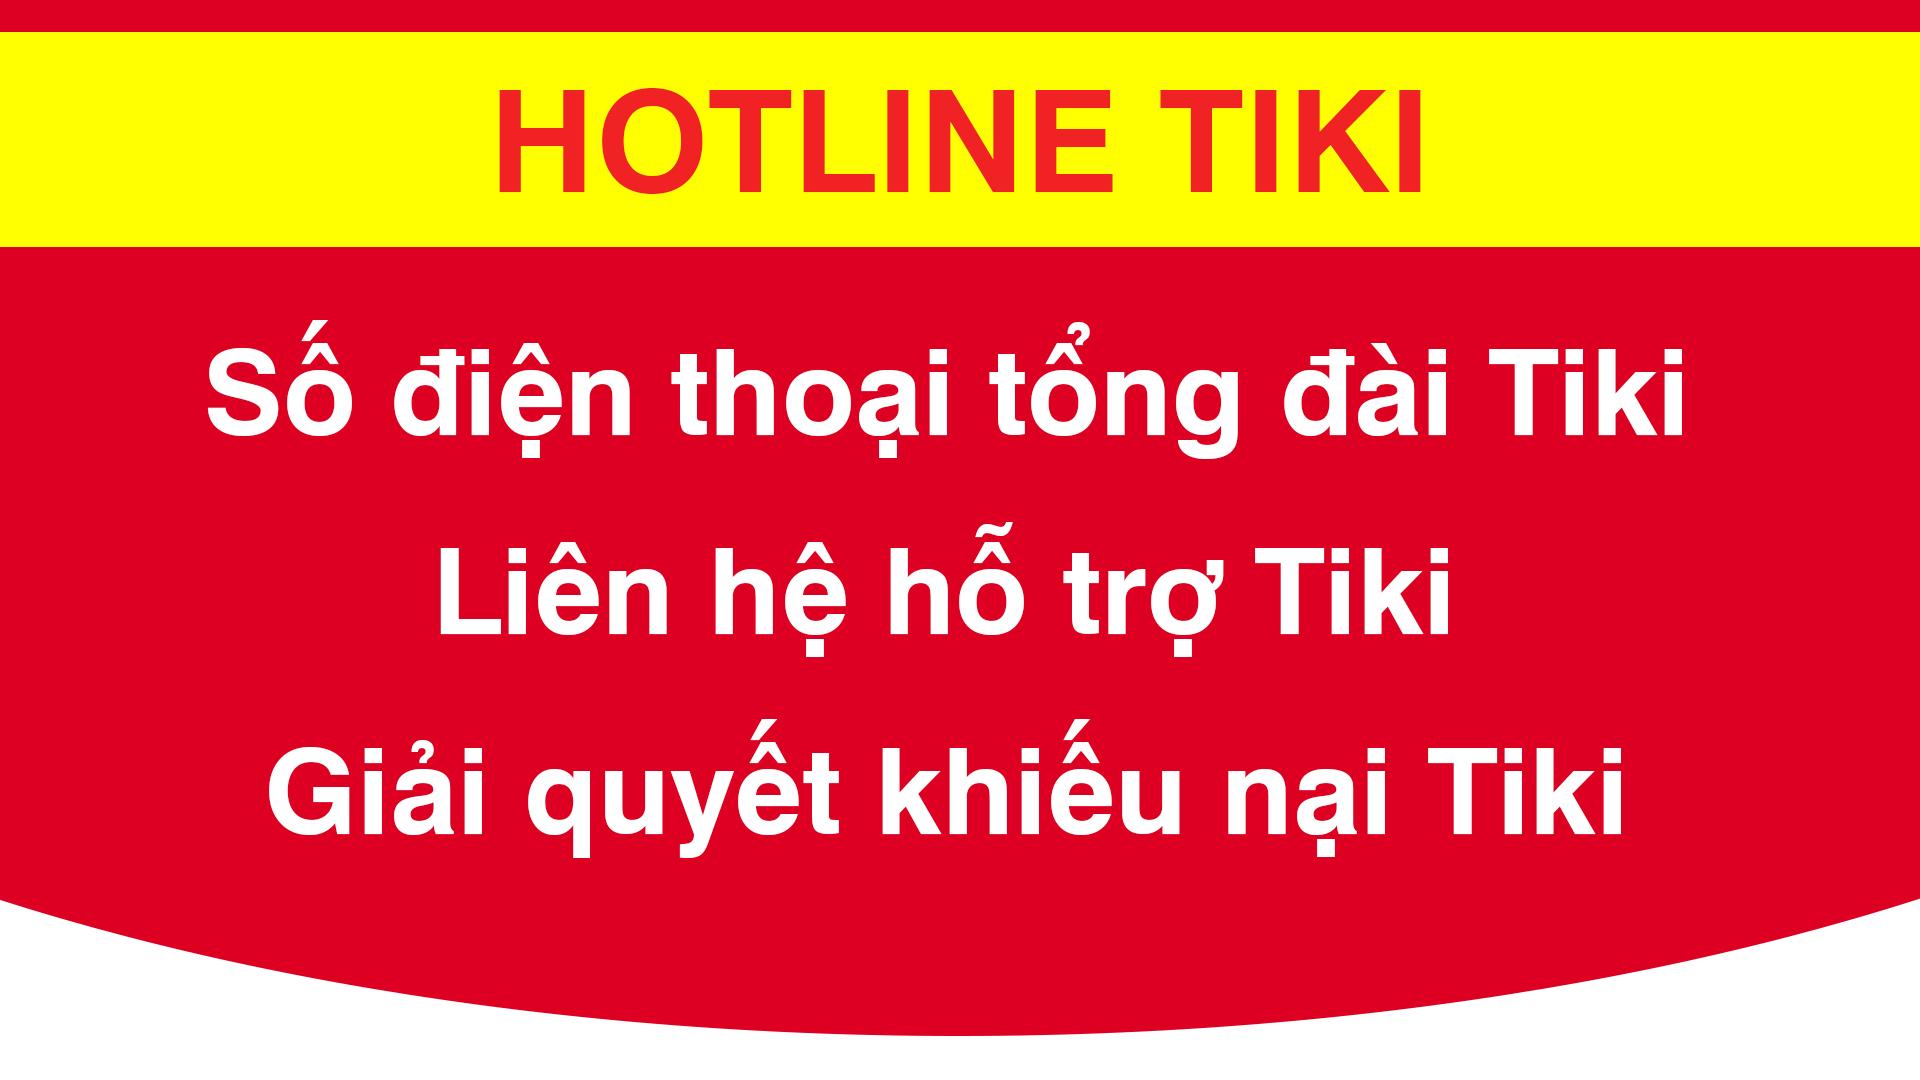 Hotline tiki số điện thoại tổng đài tiki